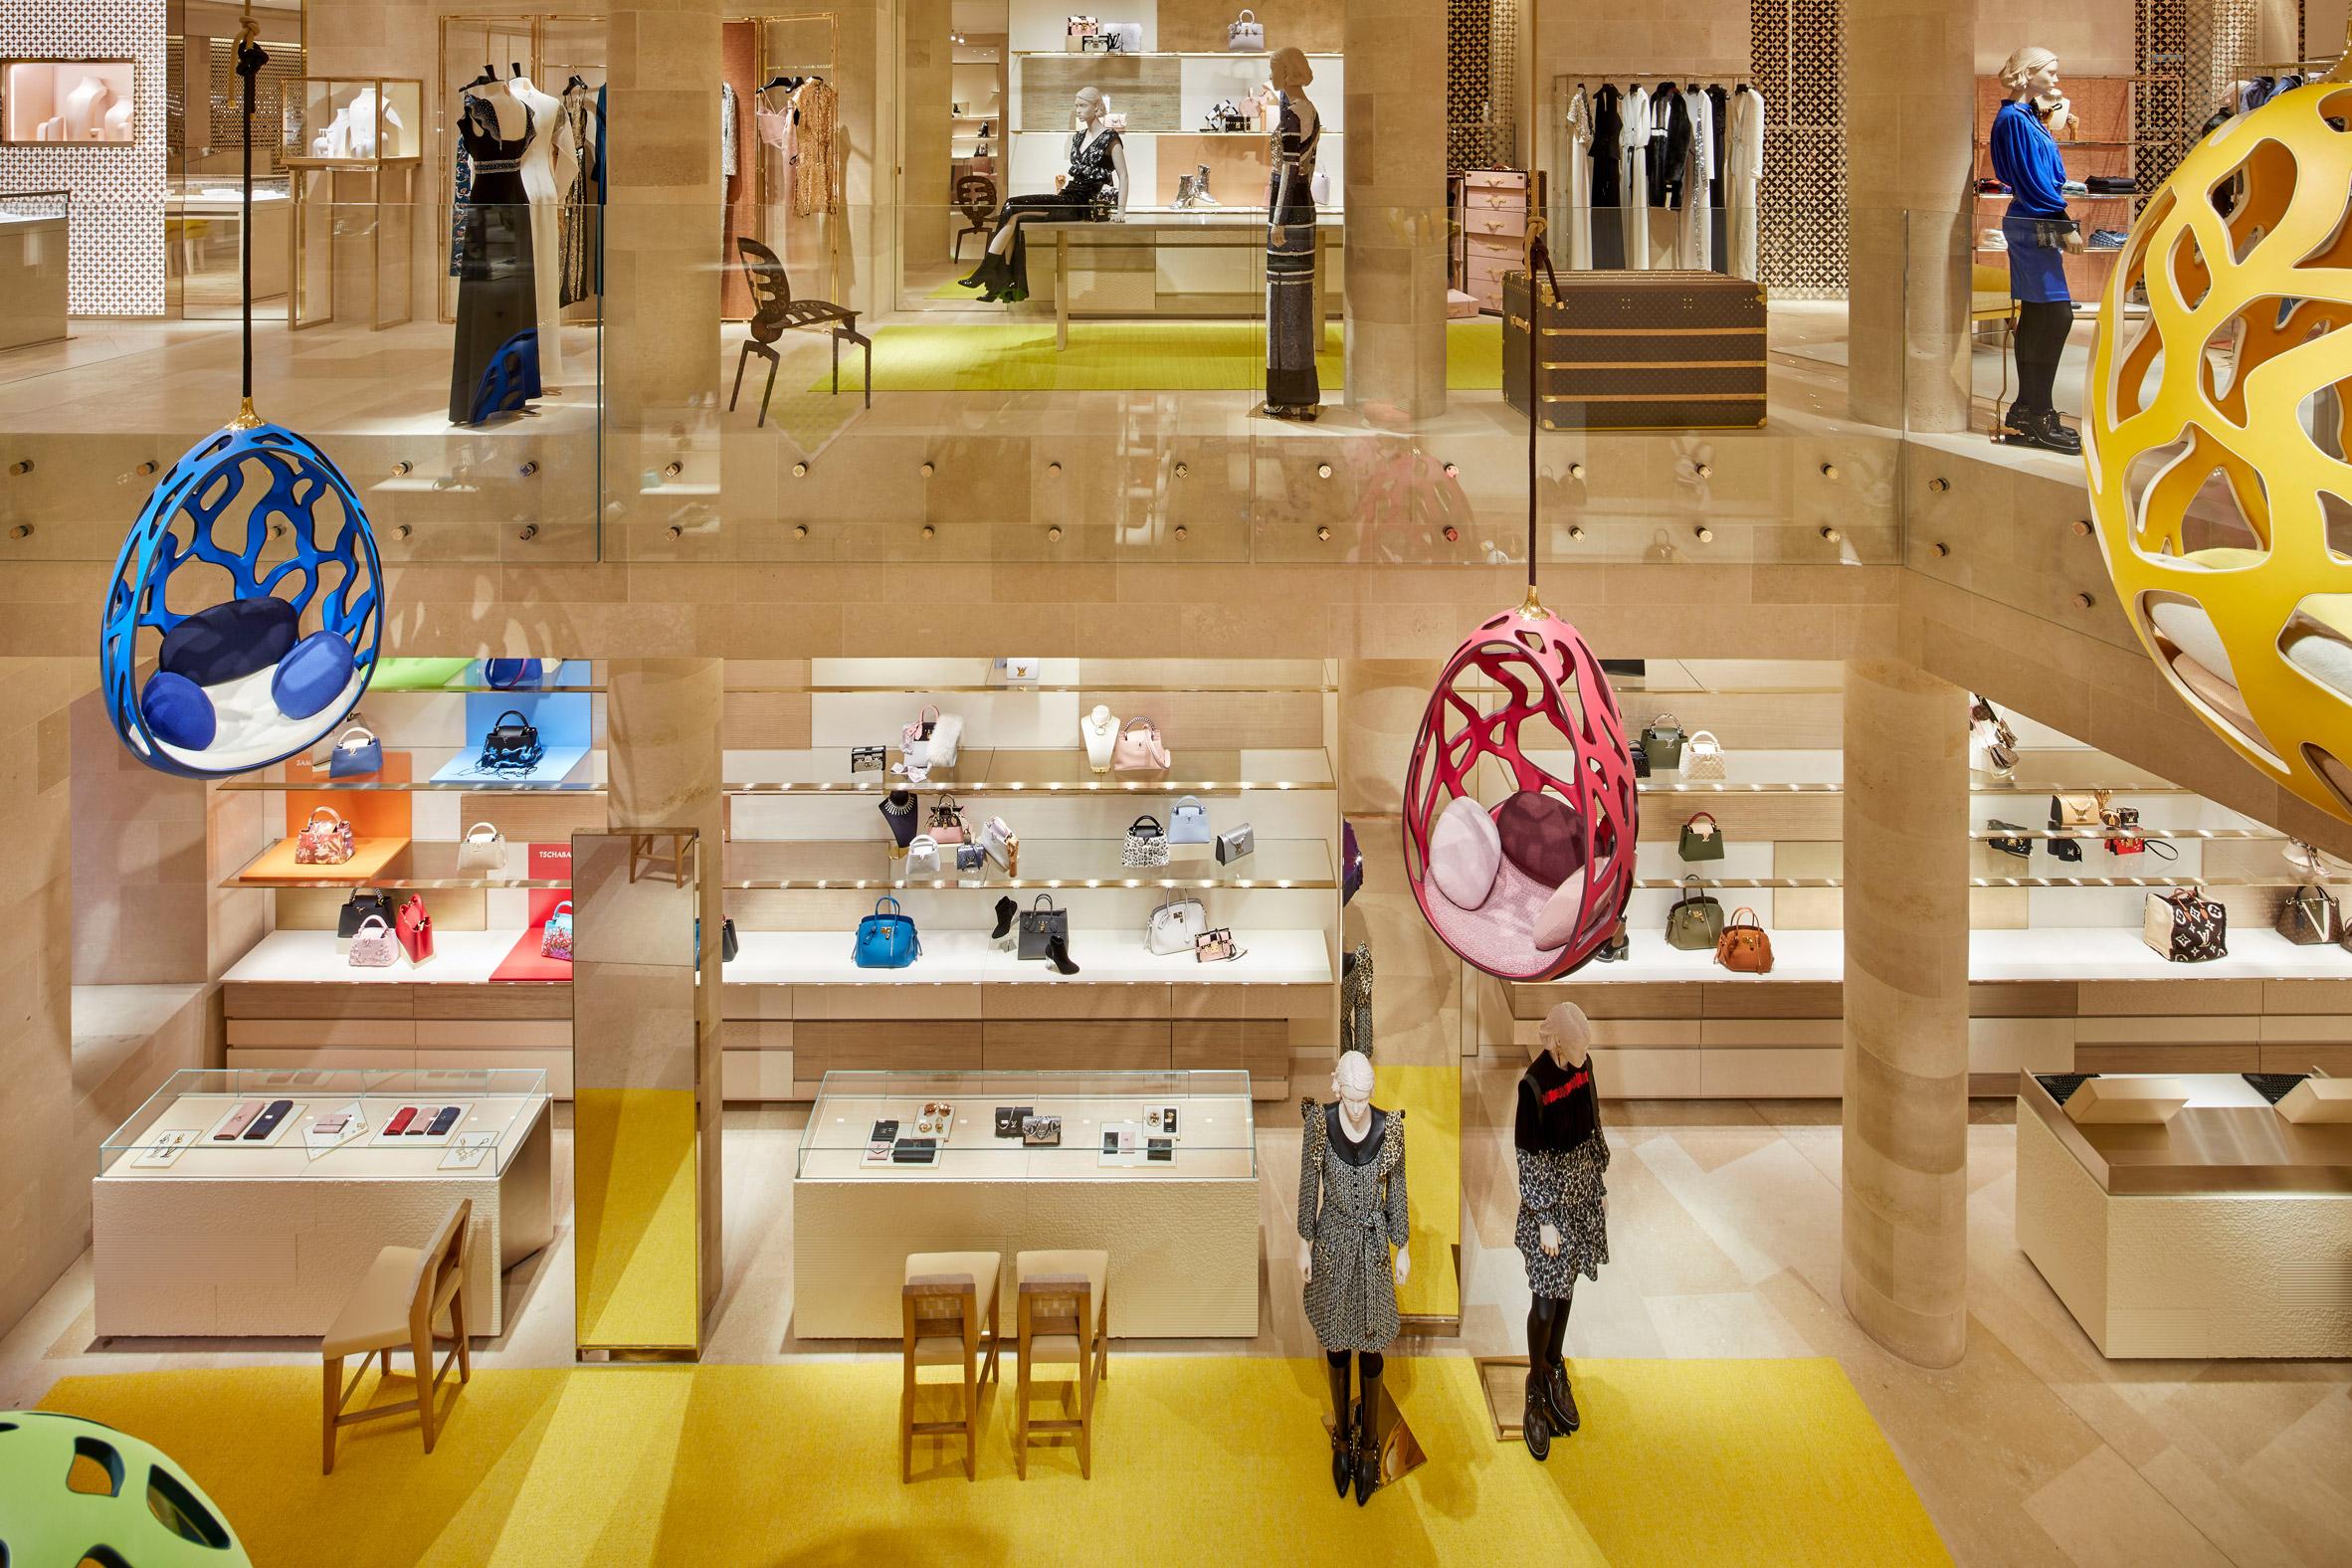 Thiết kế ánh sáng cho cửa hàng thời trang 2